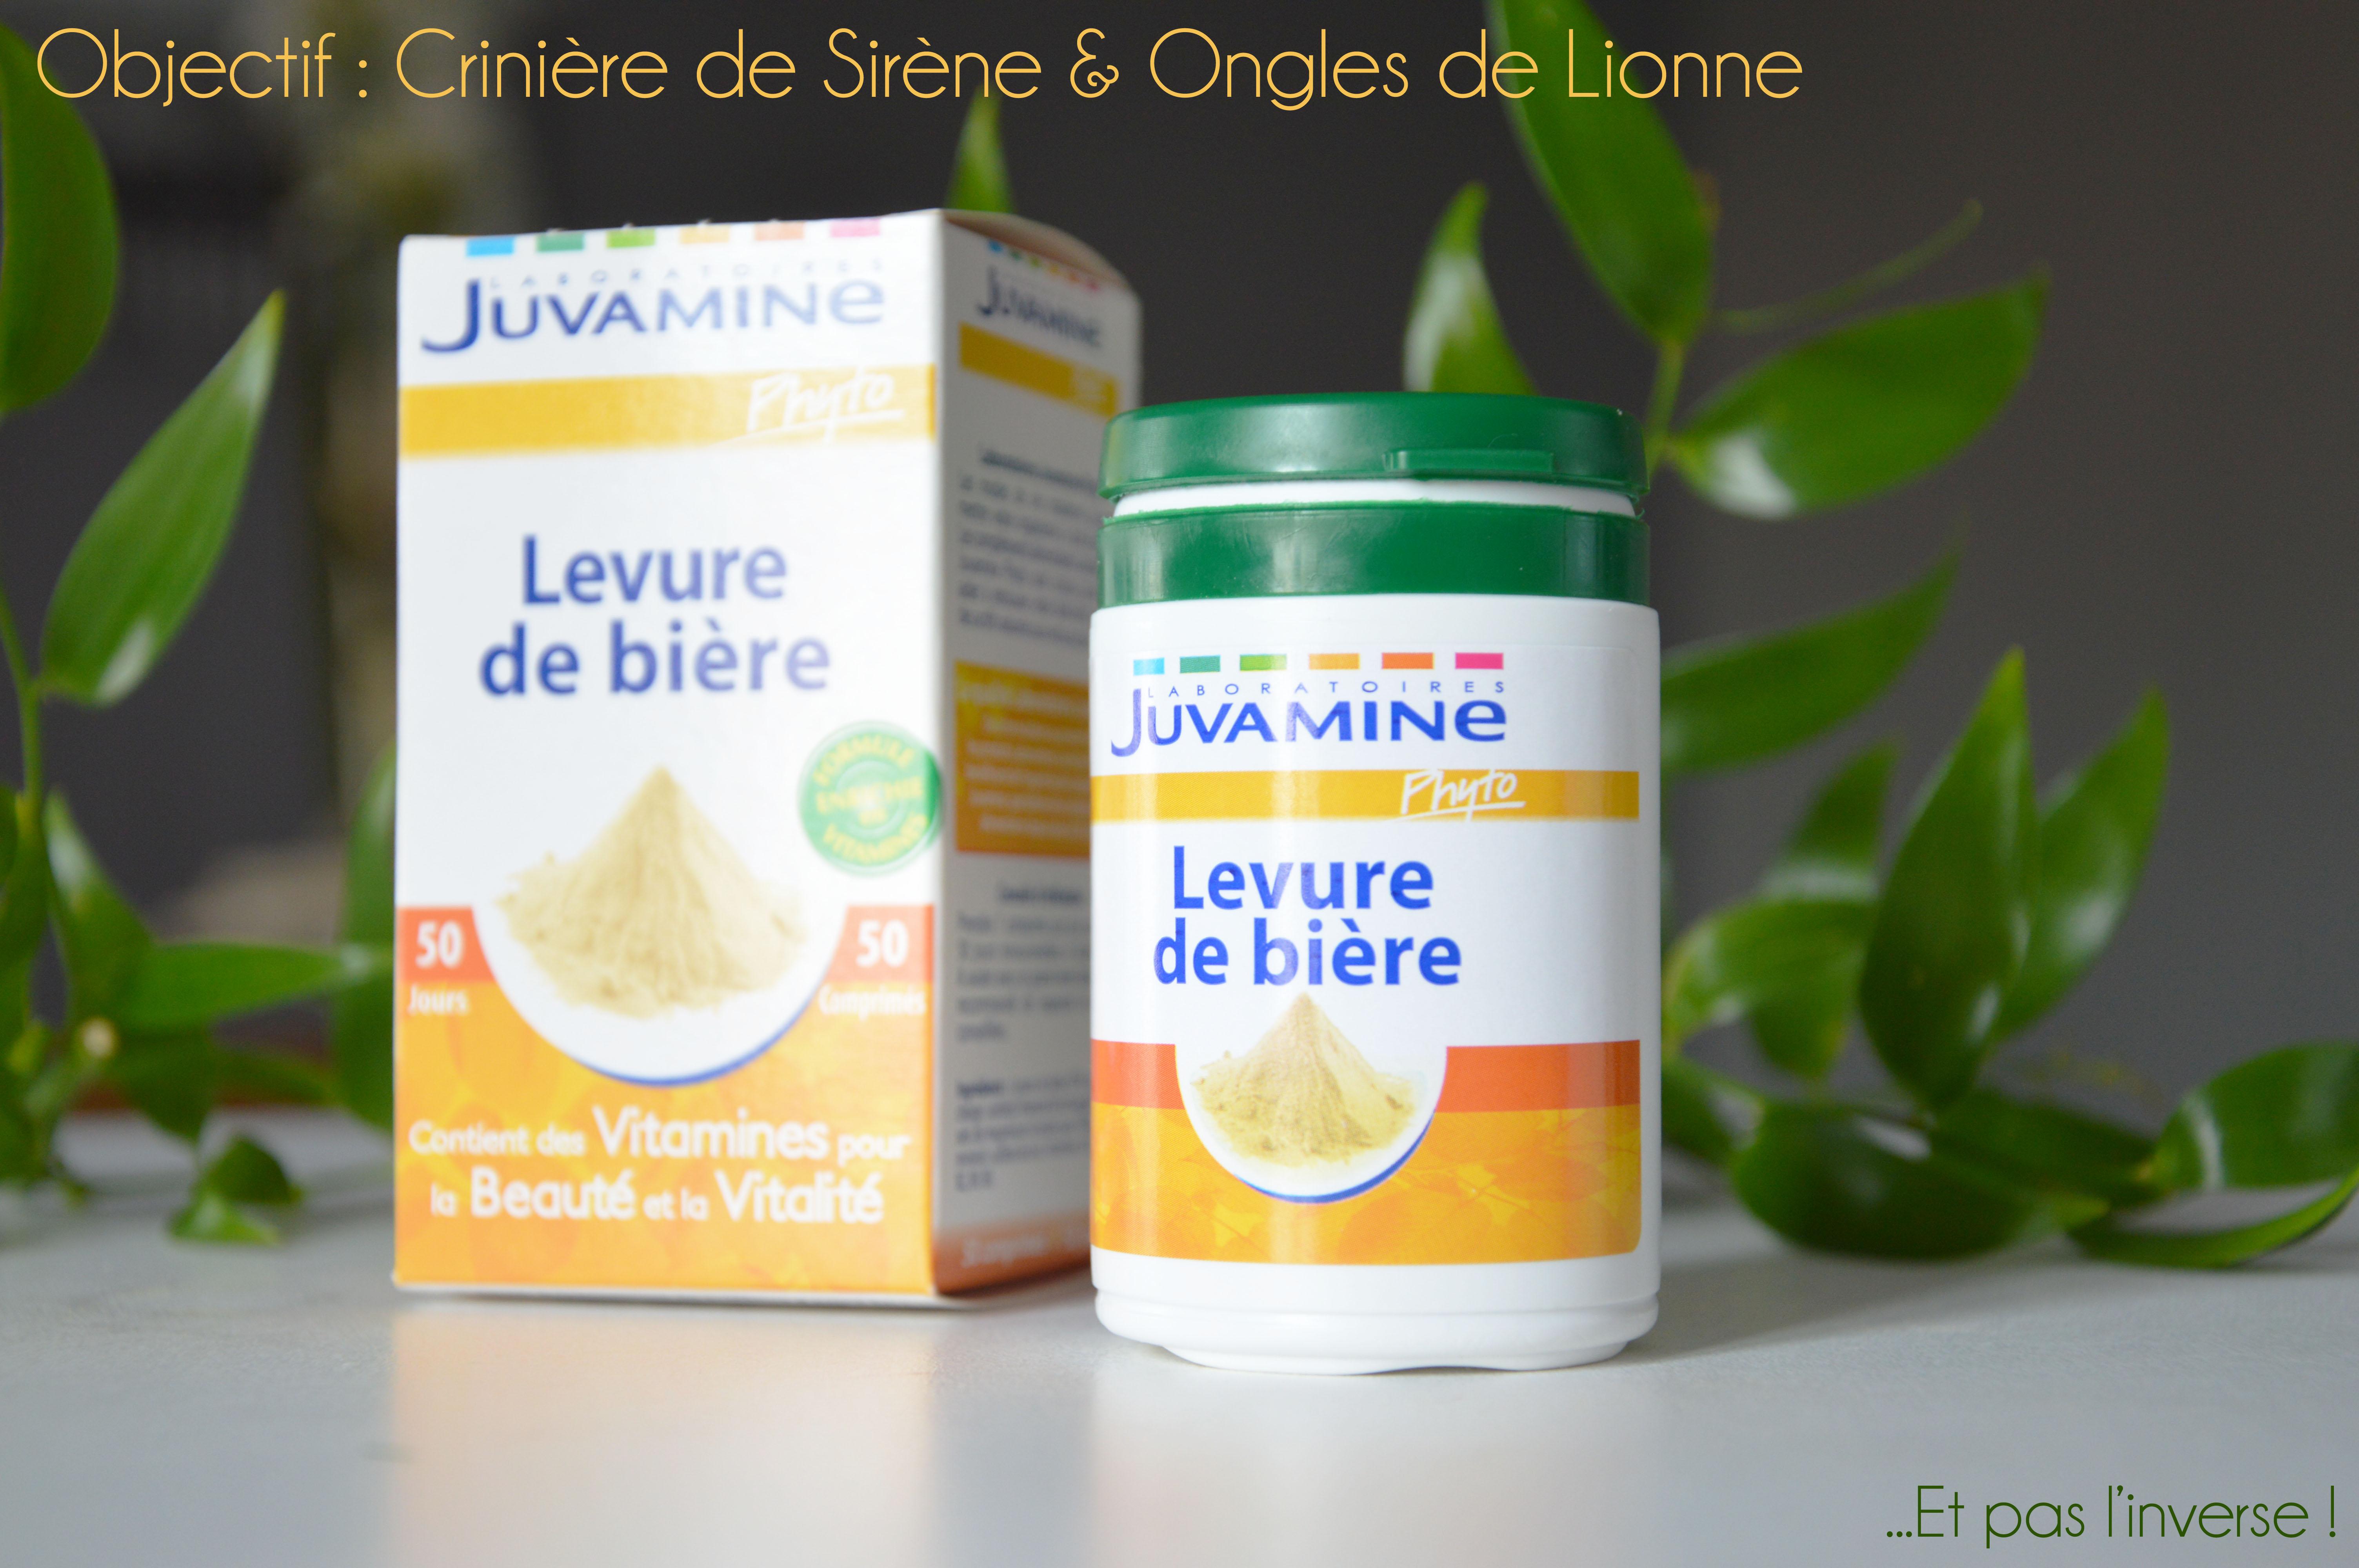 ALITTLEB_BLOG_BEAUTE_JUVAMINE_COMPLEMENTS_ALIMENTAIRES_REVUE_LEVURE_DE_BIERE